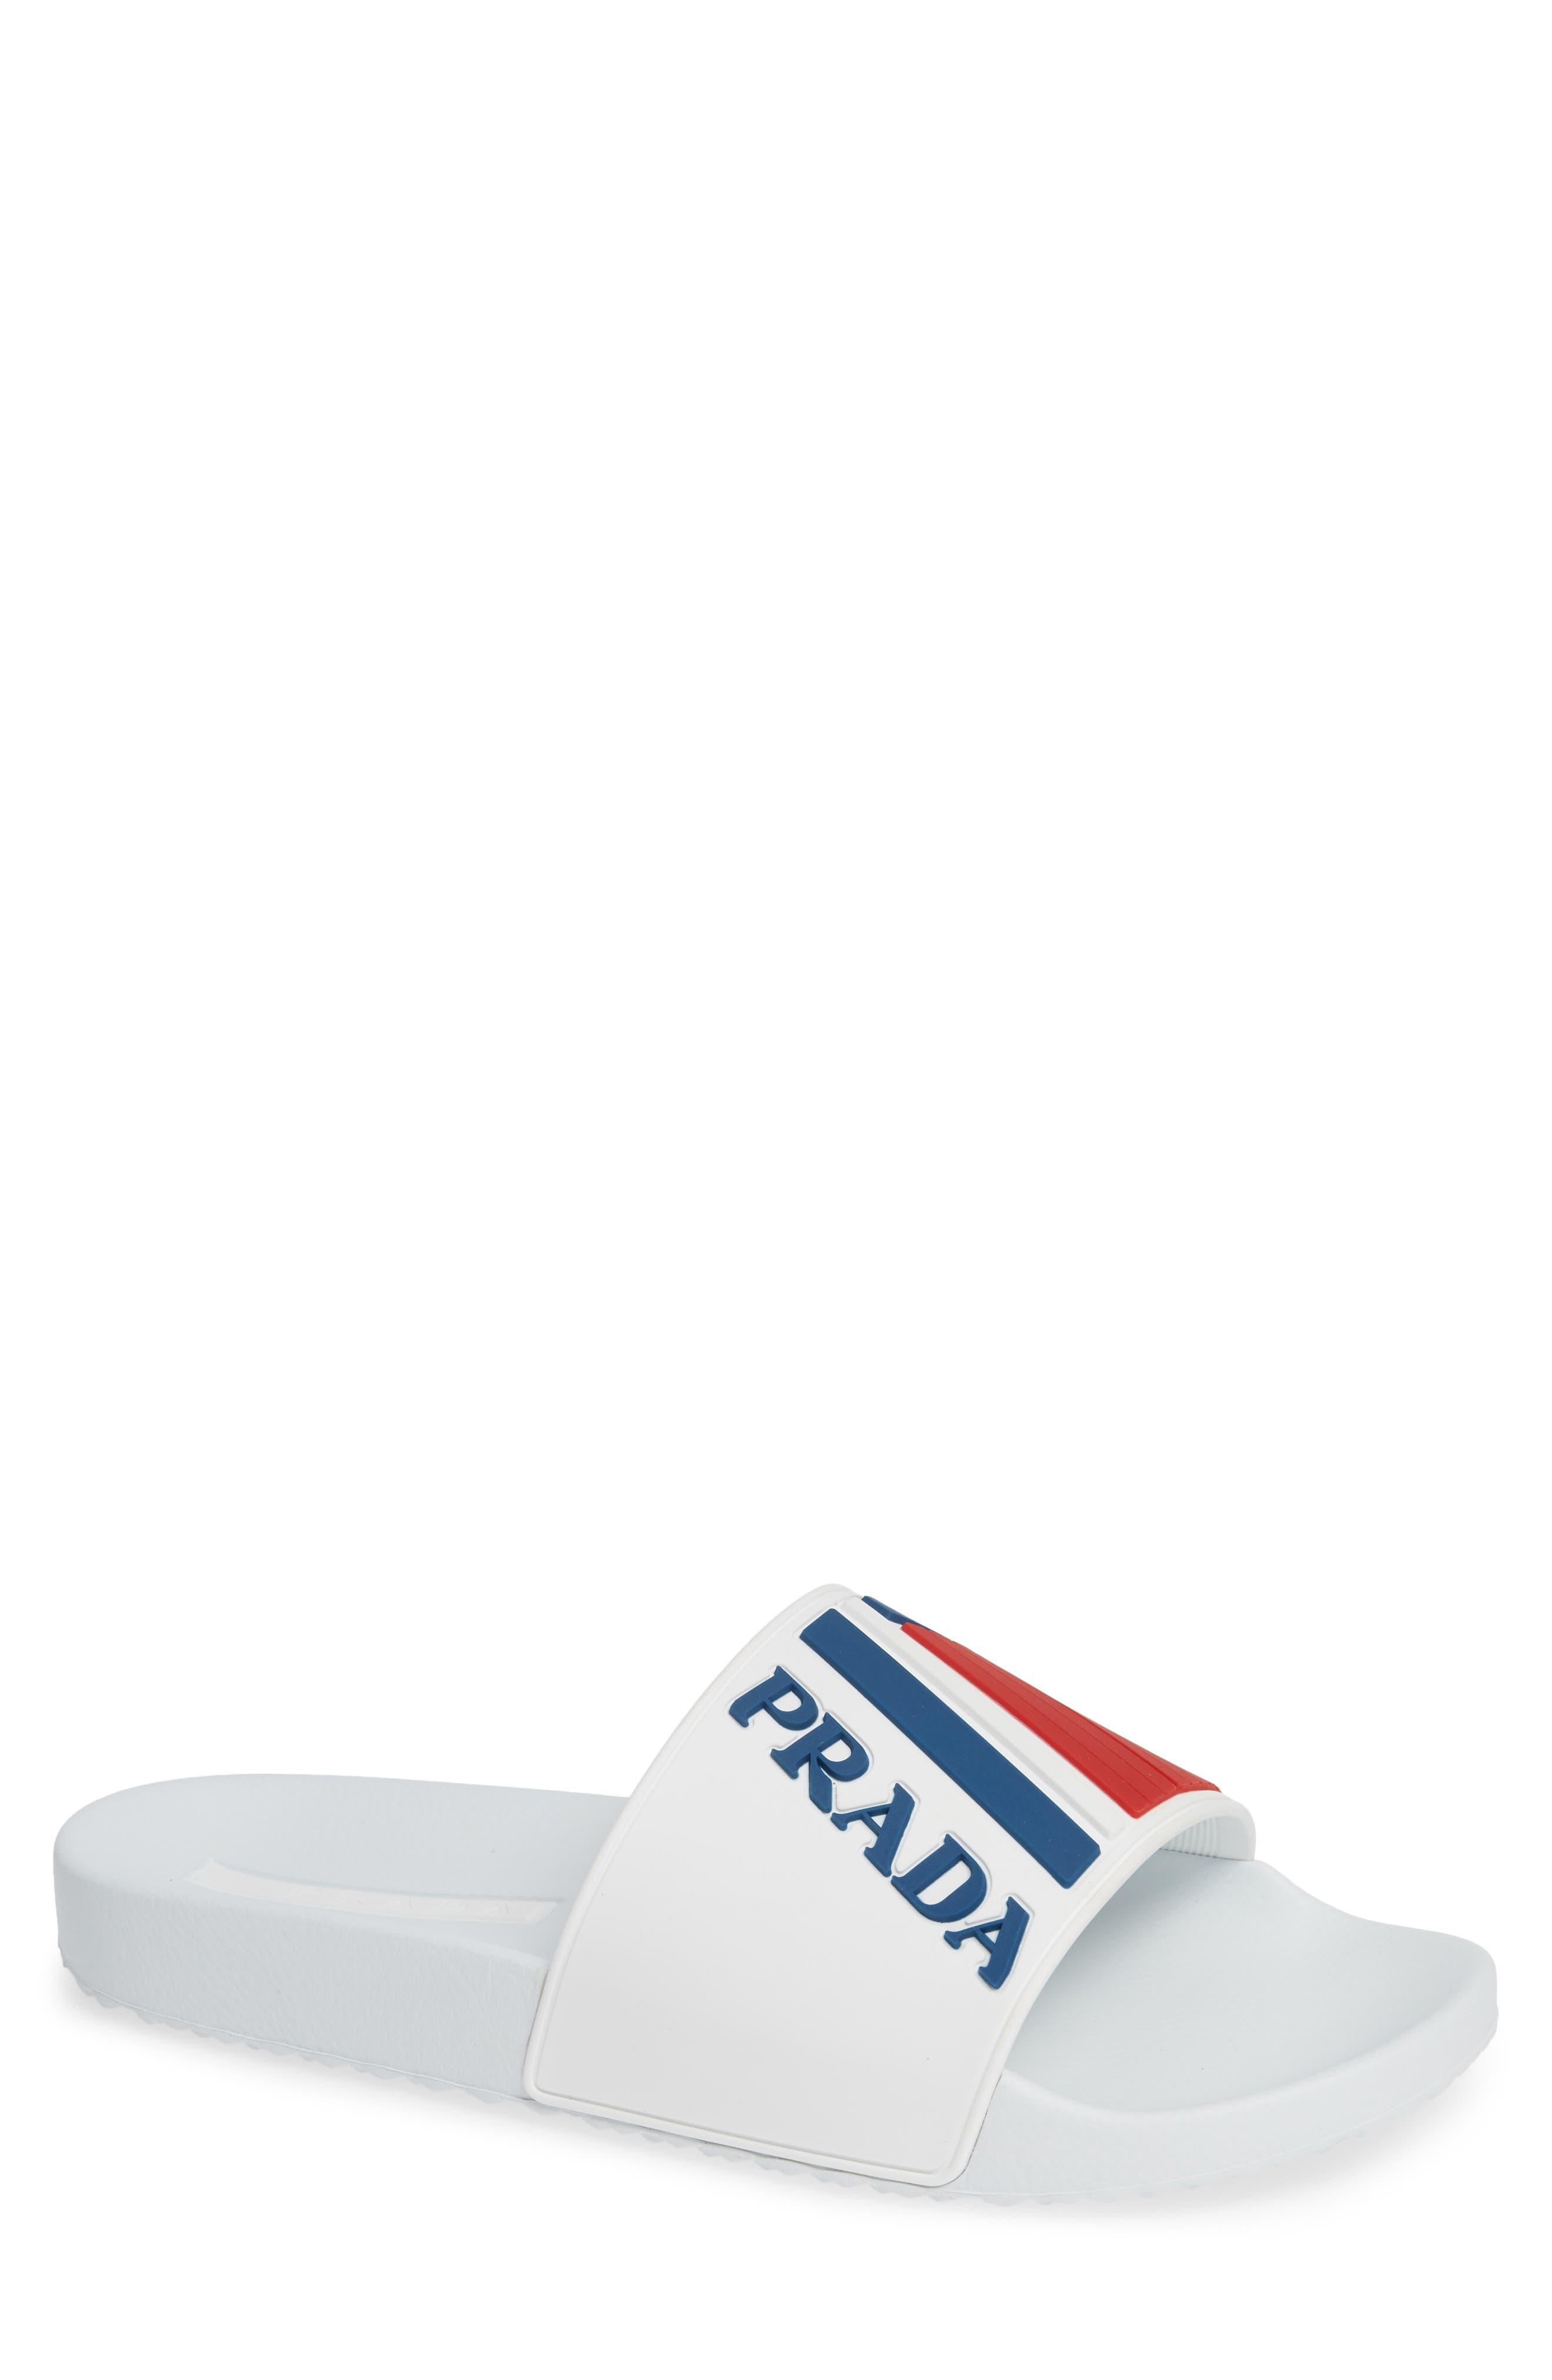 PRADA, Linea Rossa Logo Slide Sandal, Main thumbnail 1, color, WHITE/ BLUE